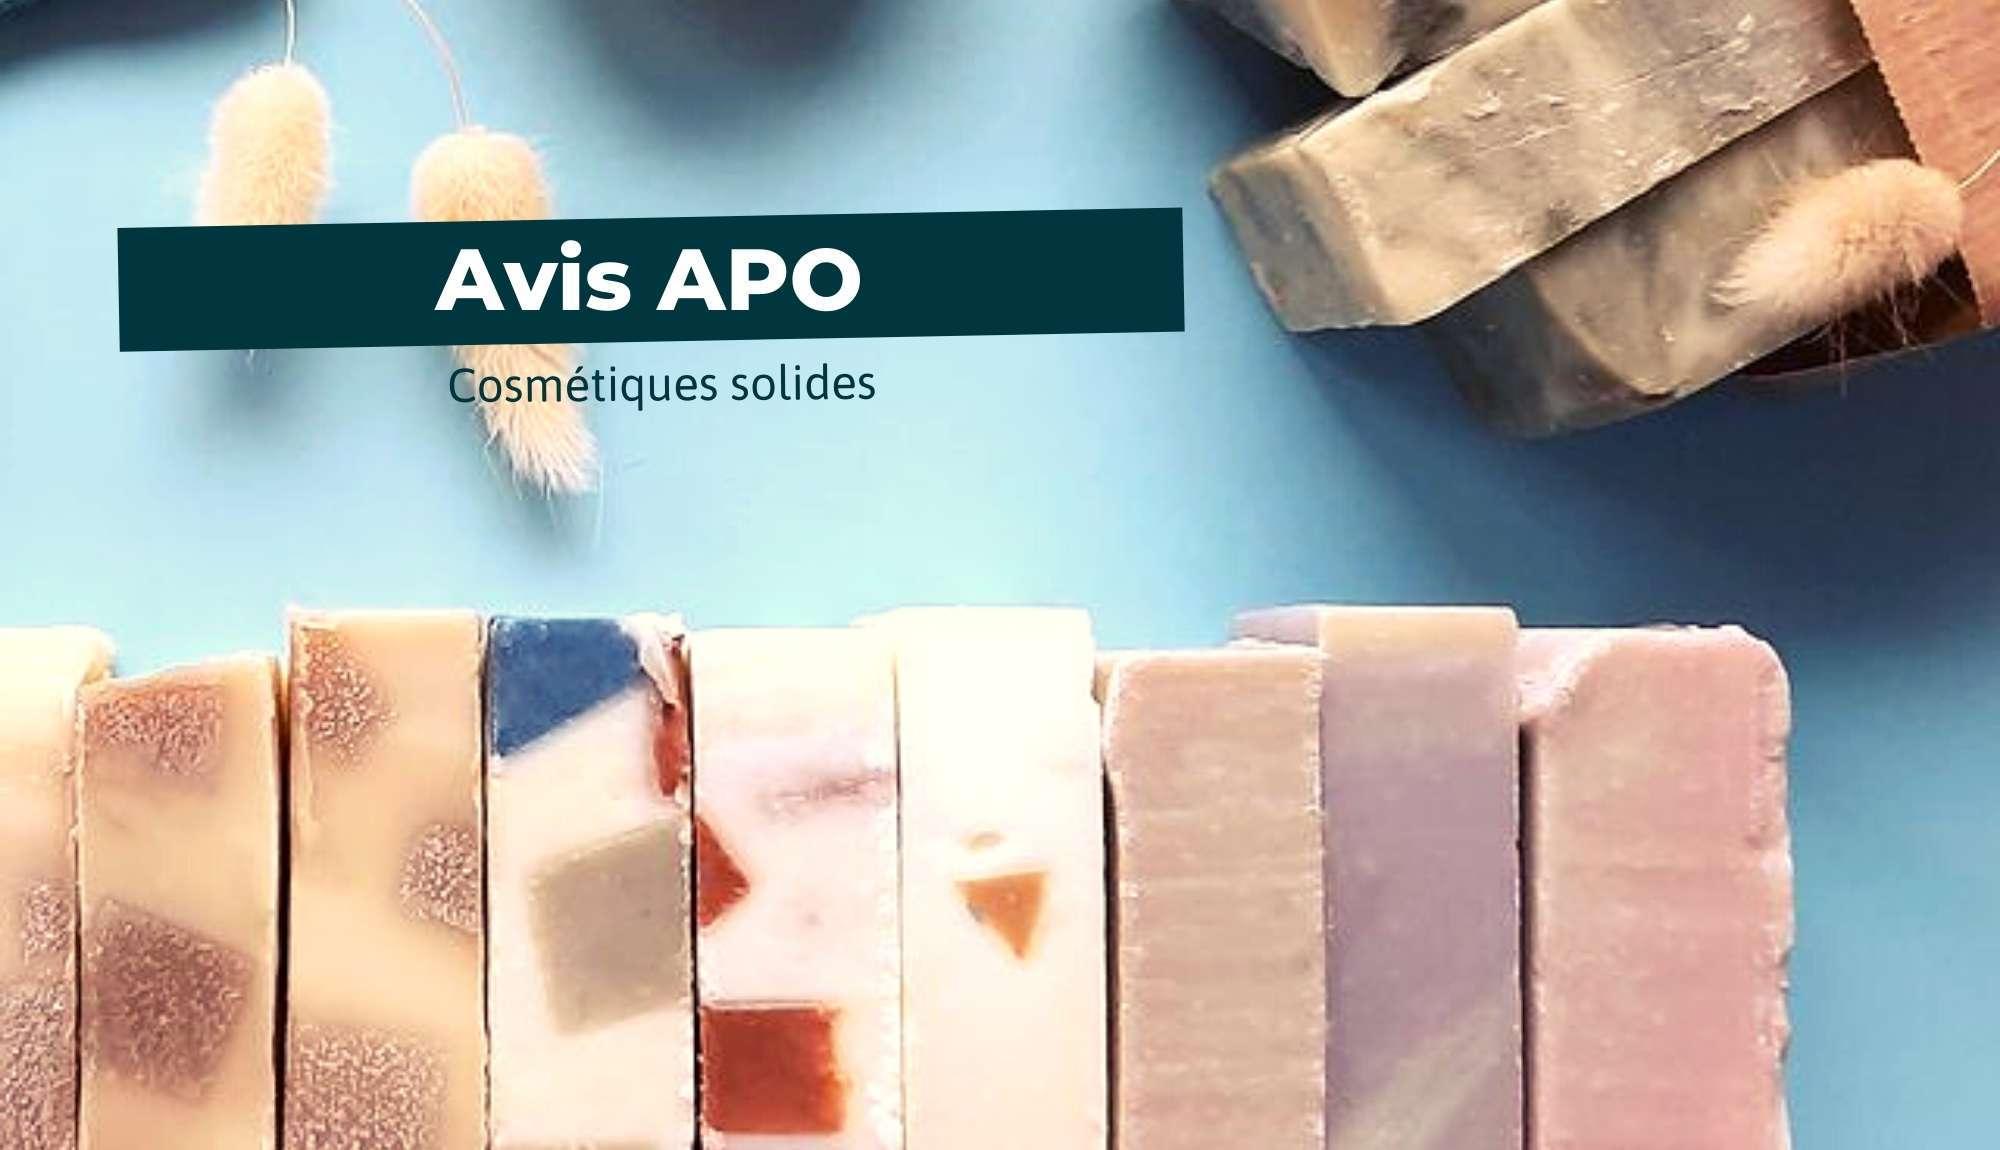 Avis APO - Cosmétiques Solides